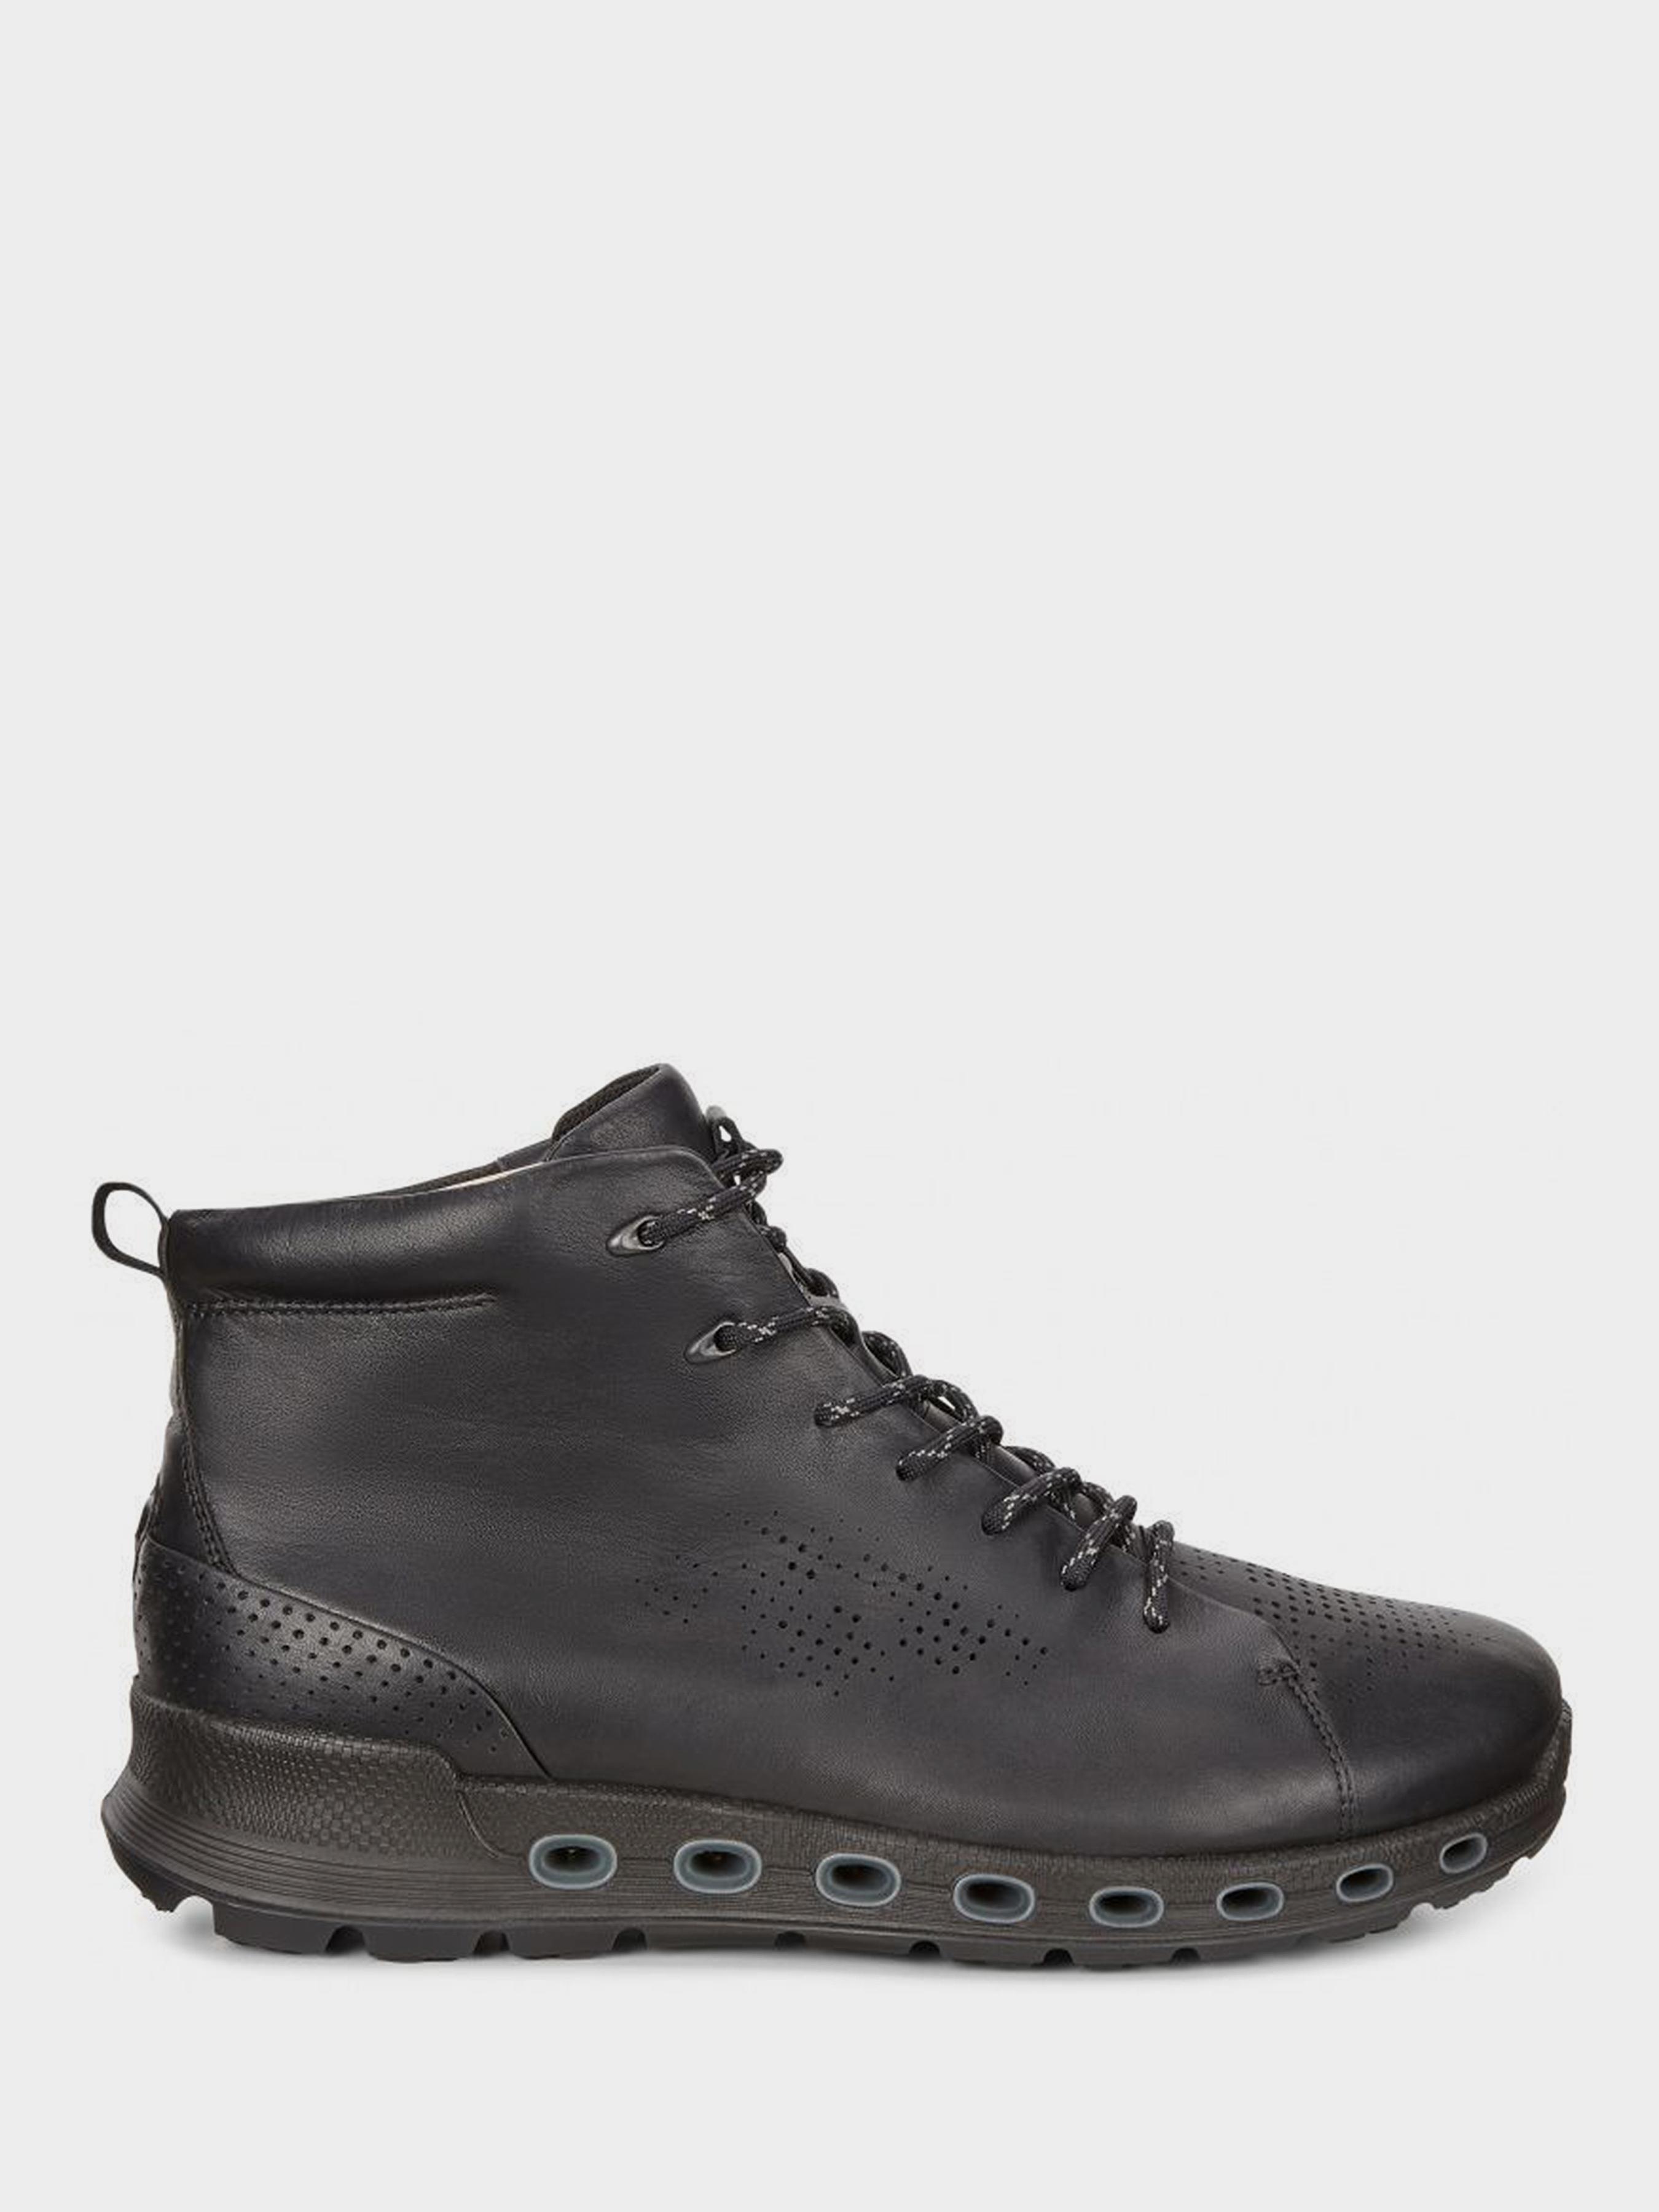 Купить Ботинки мужские ECCO COOL 2.0 ZM3985, Черный